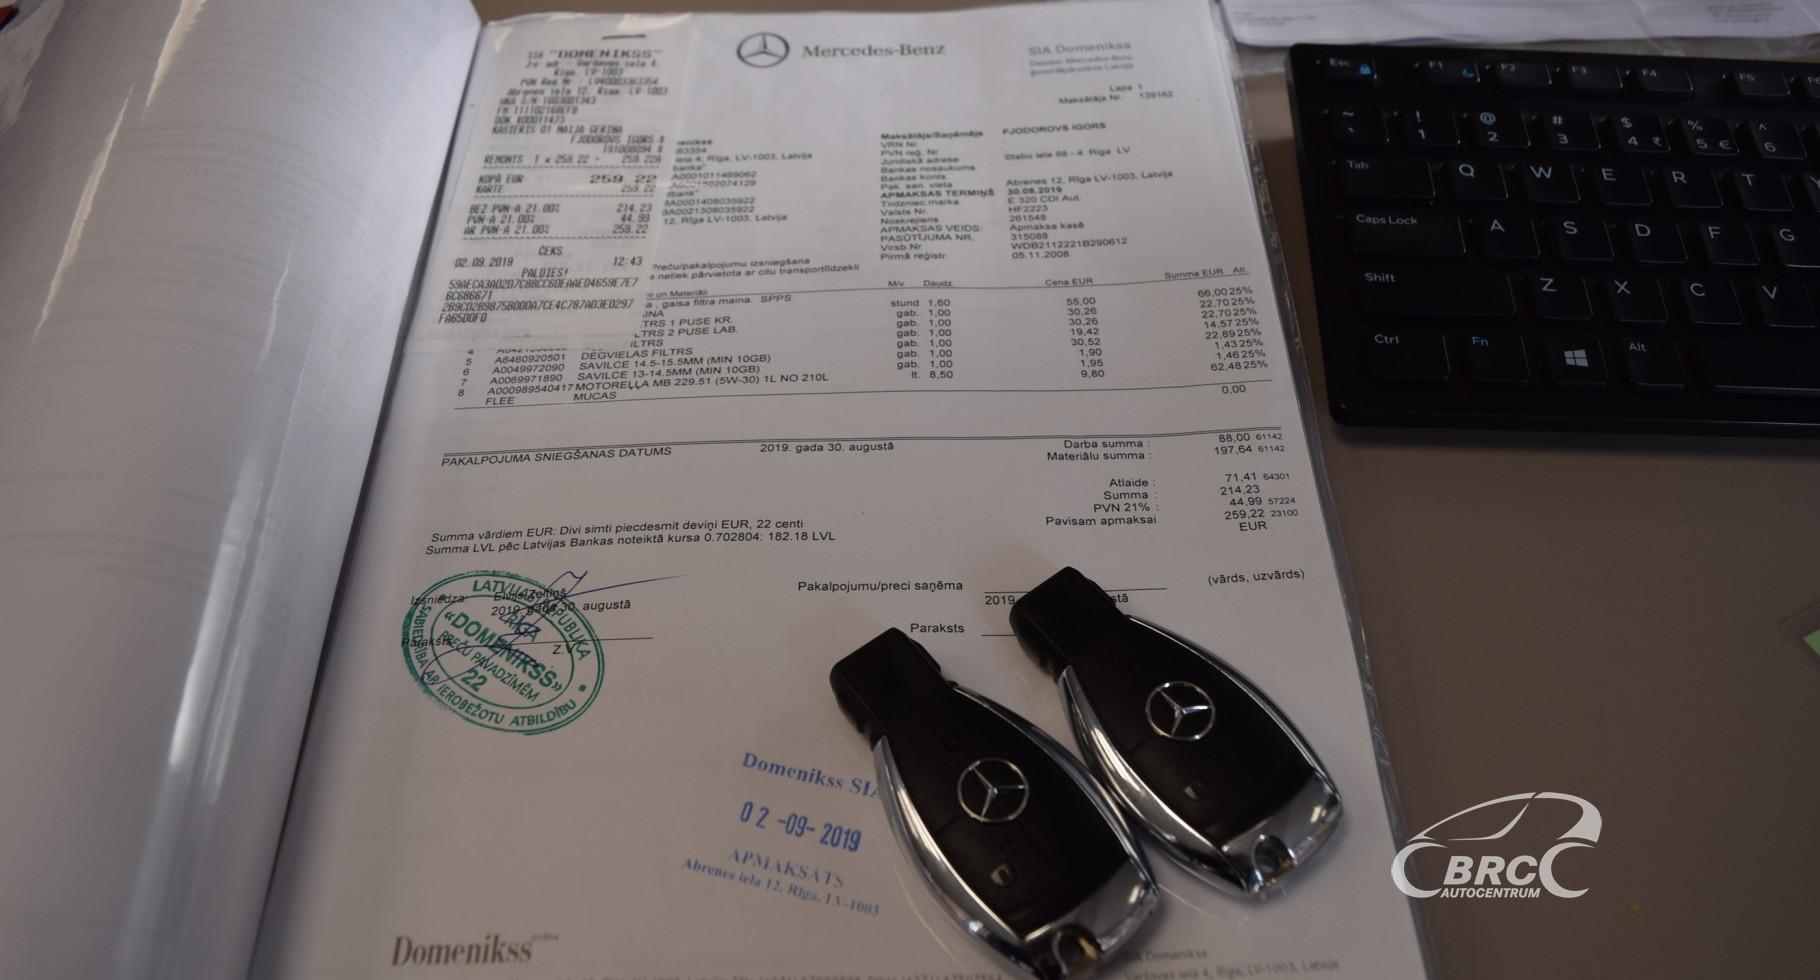 Mercedes-Benz E 320 CDI Avantgarde AMG Desing